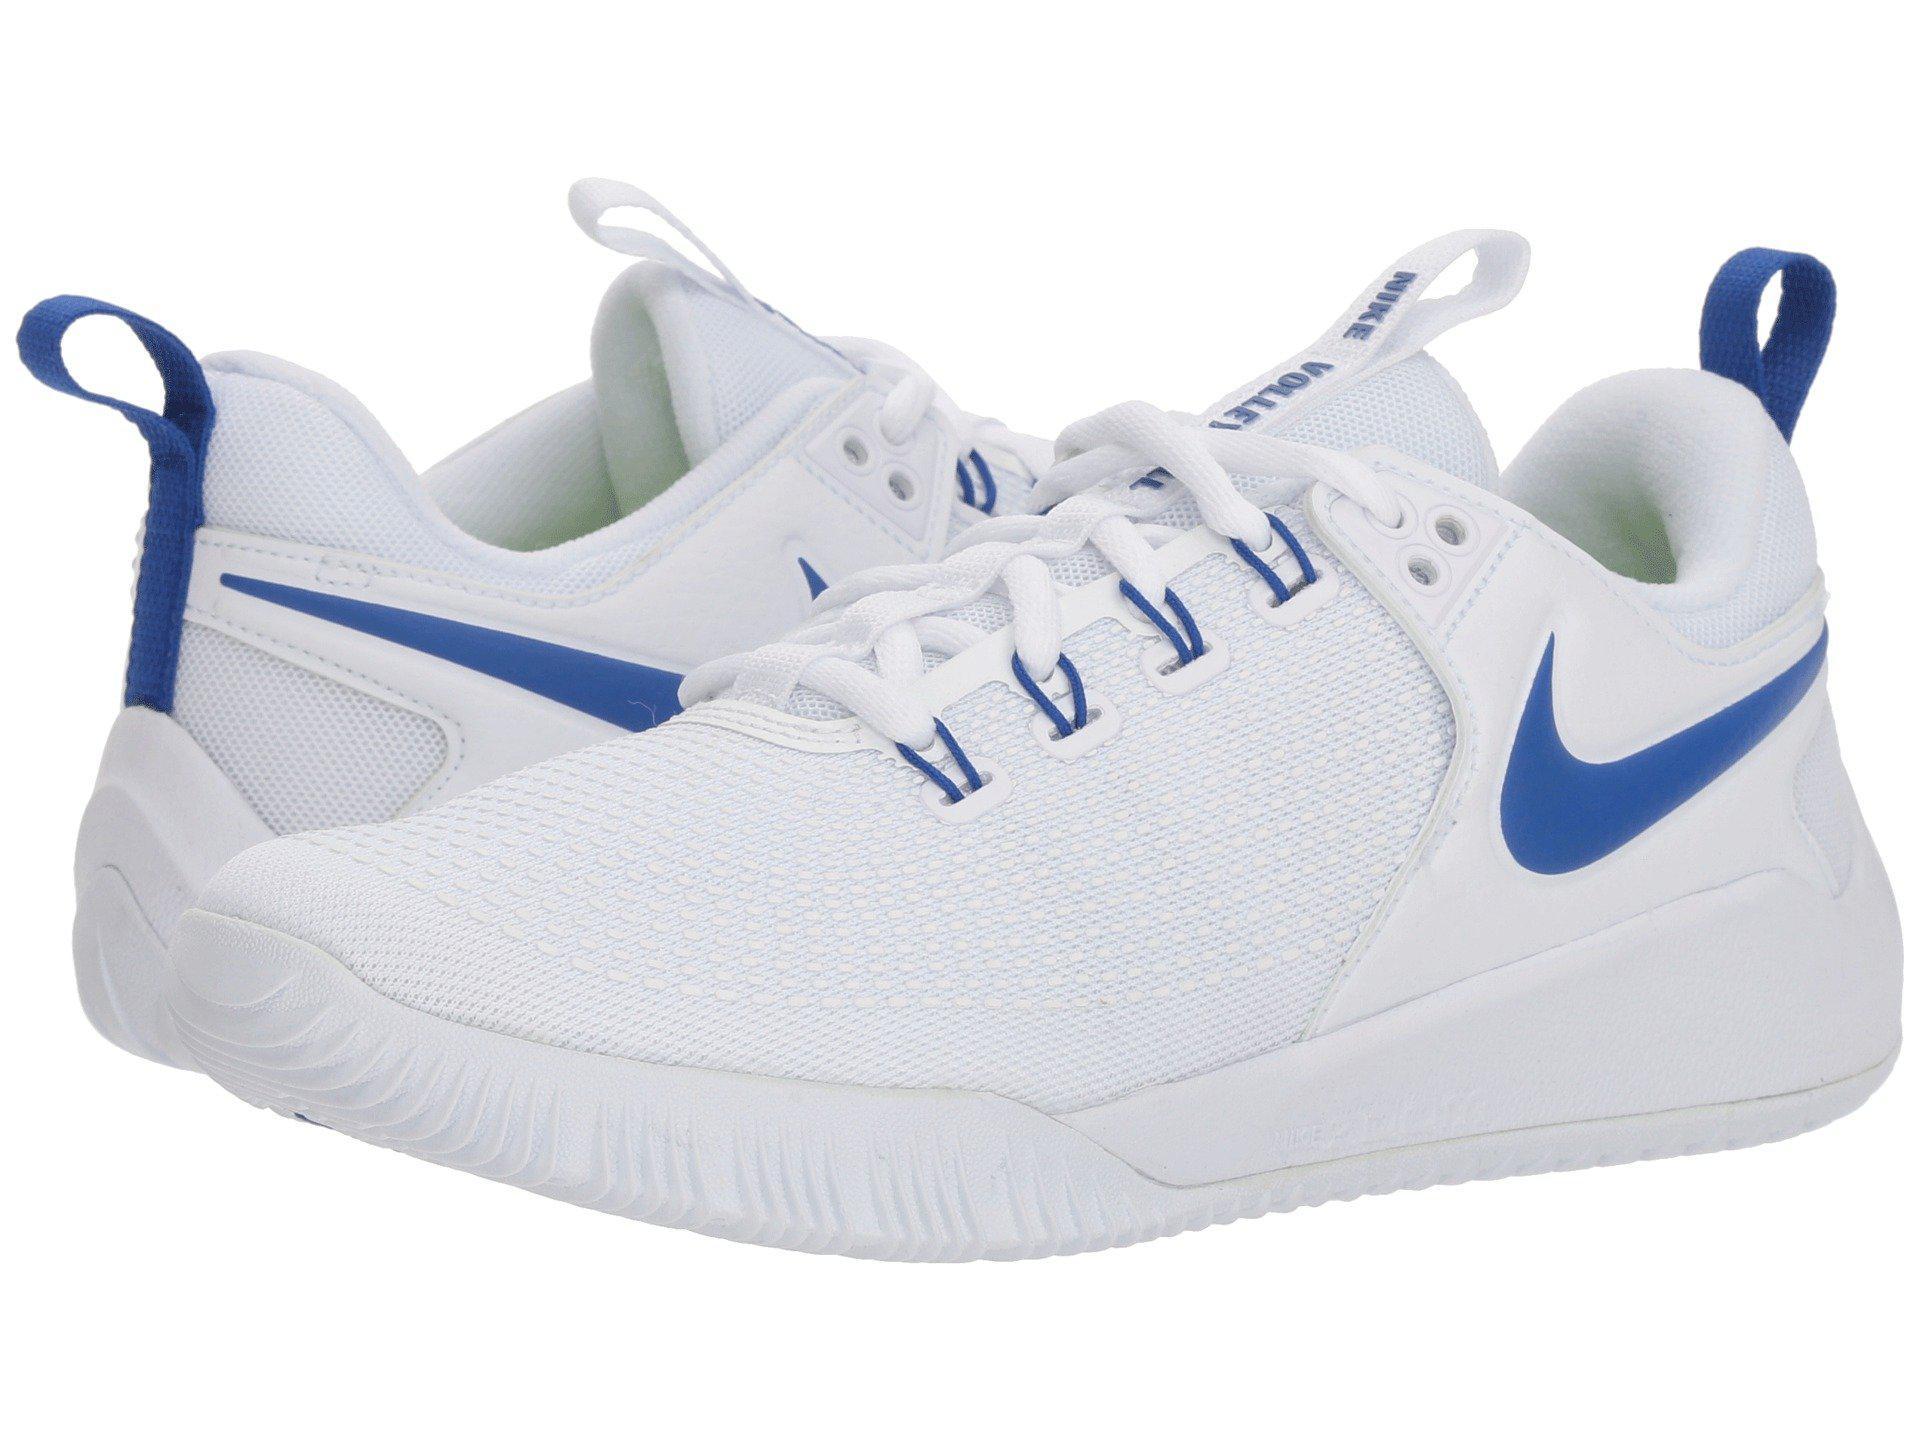 9b3304603a2359 Lyst - Nike Zoom Hyperace 2 (white black) Women s Cross Training ...